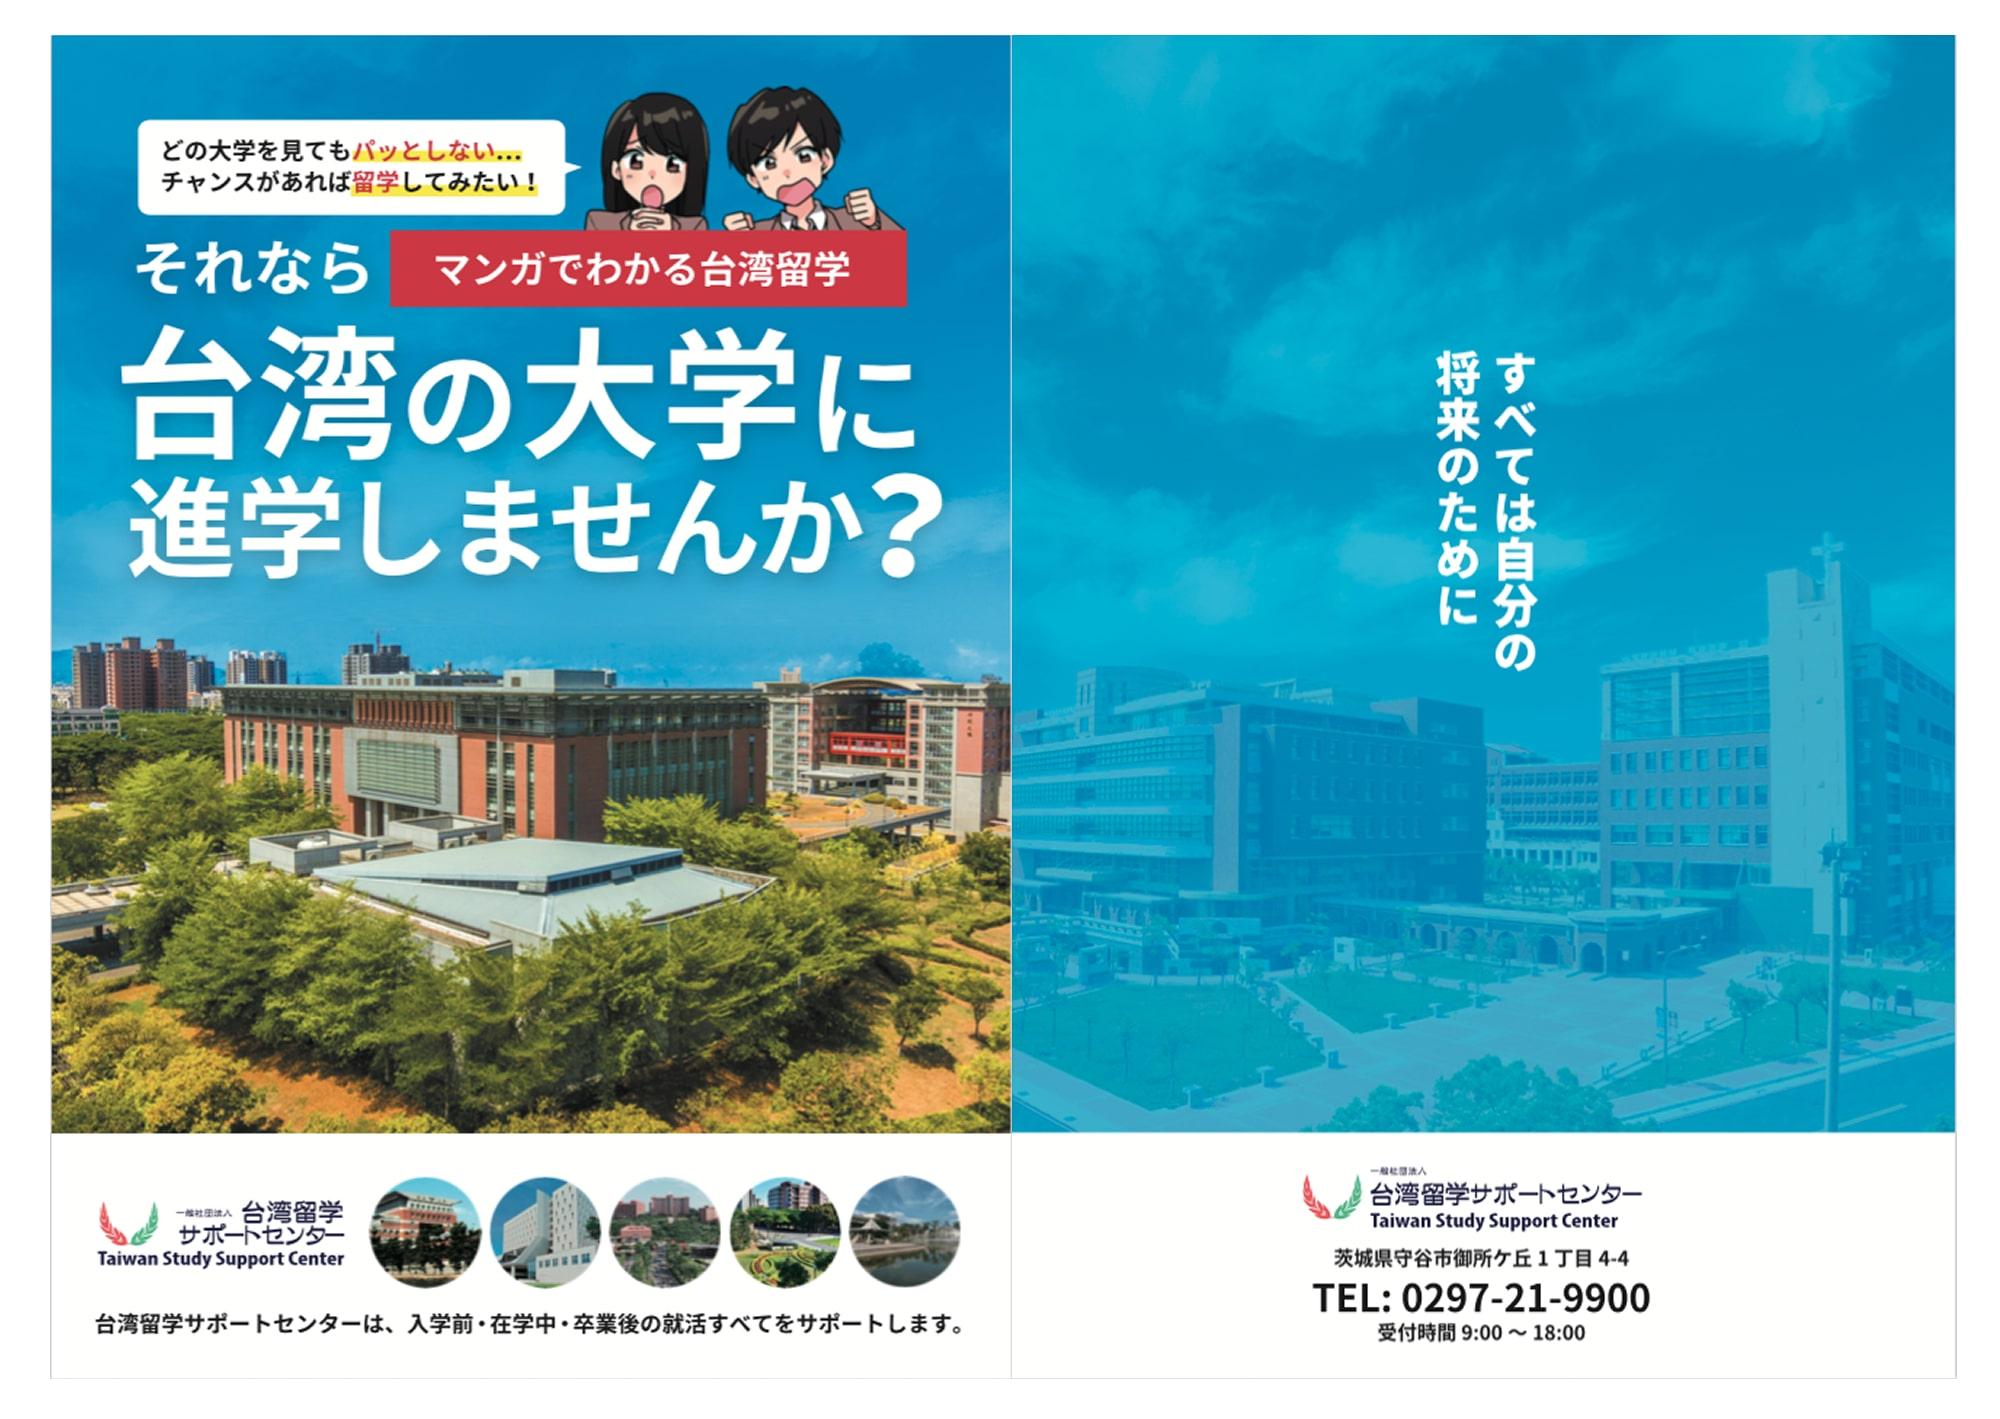 台湾留学サポートセンター 冊子マンガ制作掲載サンプル1